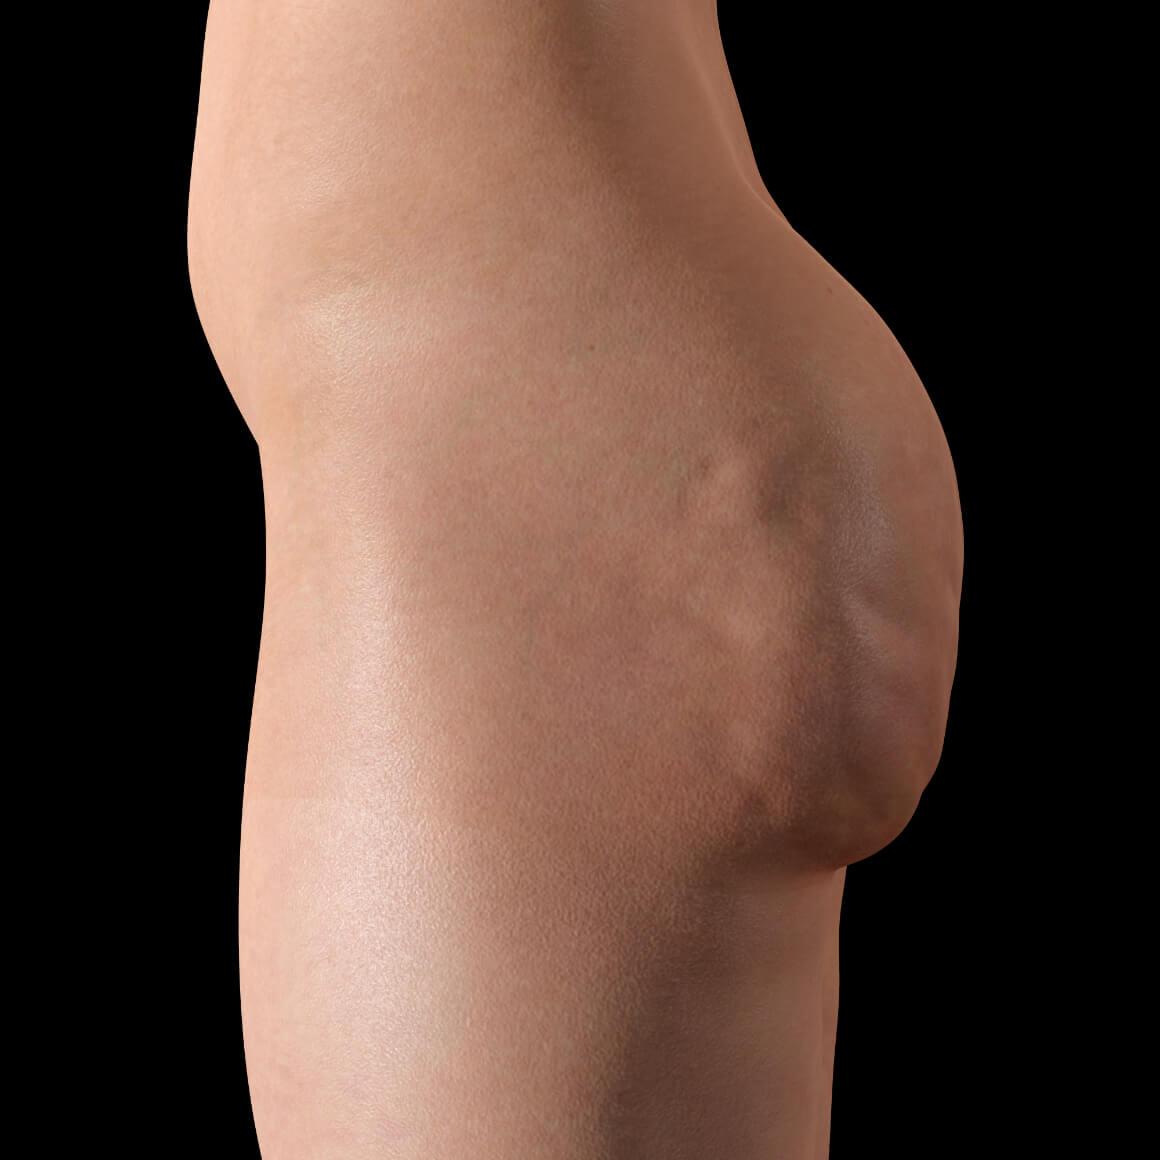 Fesses d'une patiente de la Clinique Chloé vue de côté montrant de la cellulite